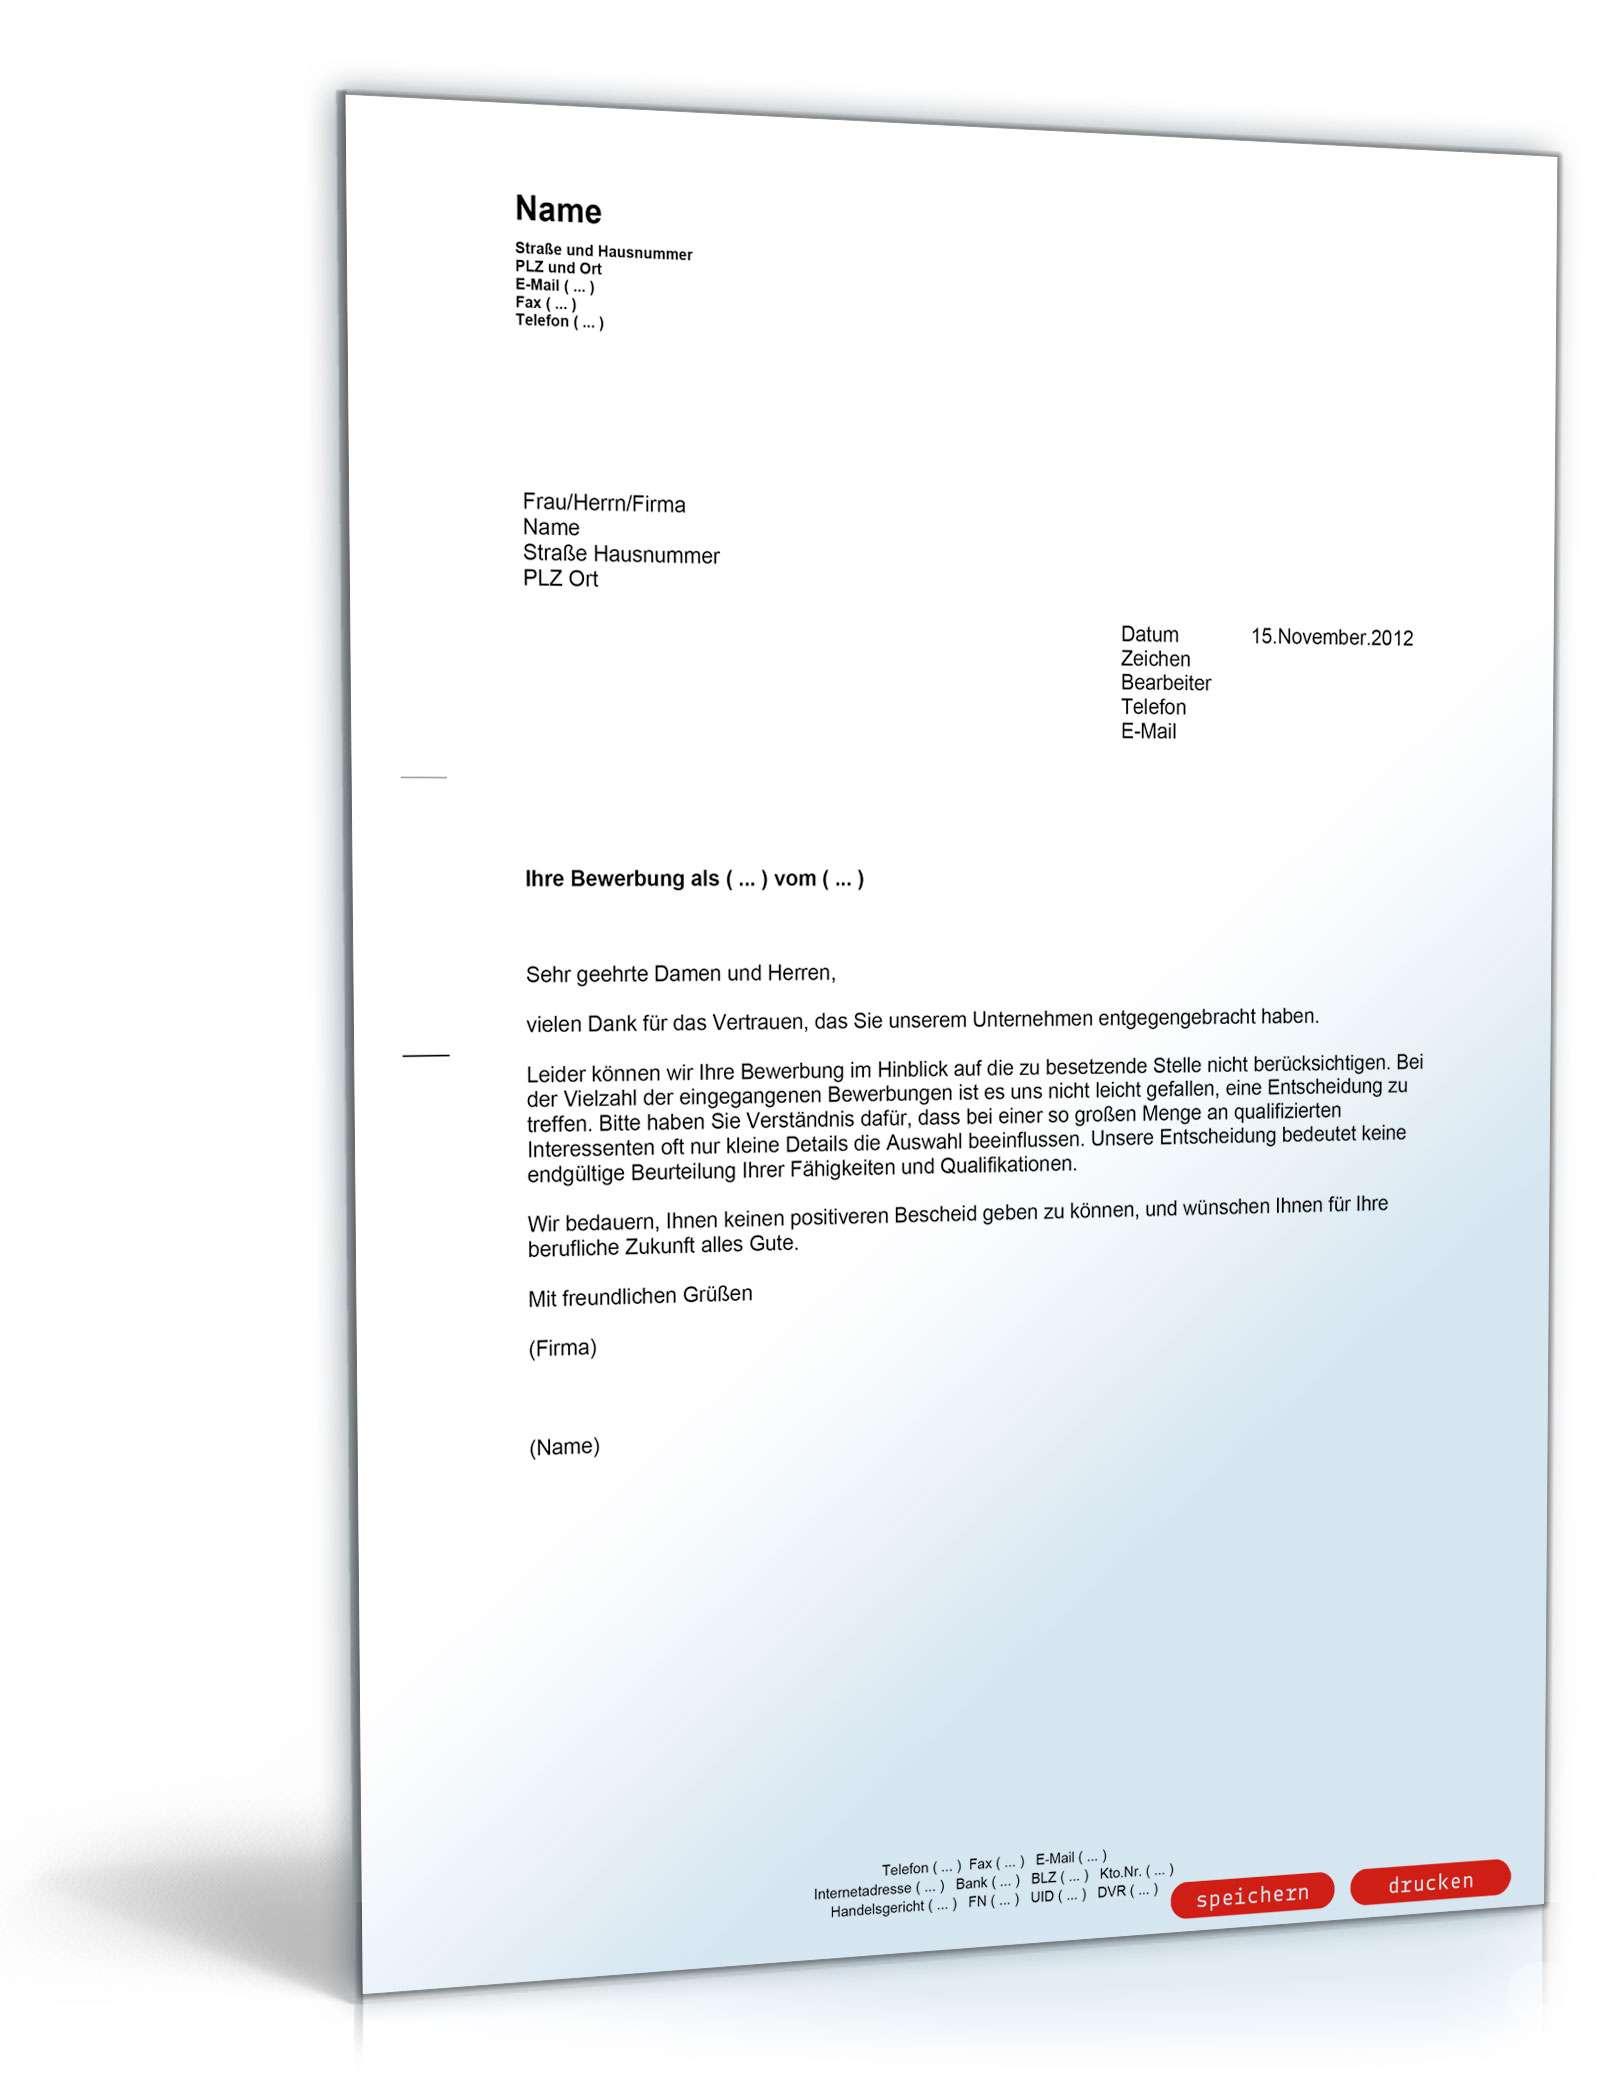 Vorlage Absage Bewerbung 14 Bewundernswert